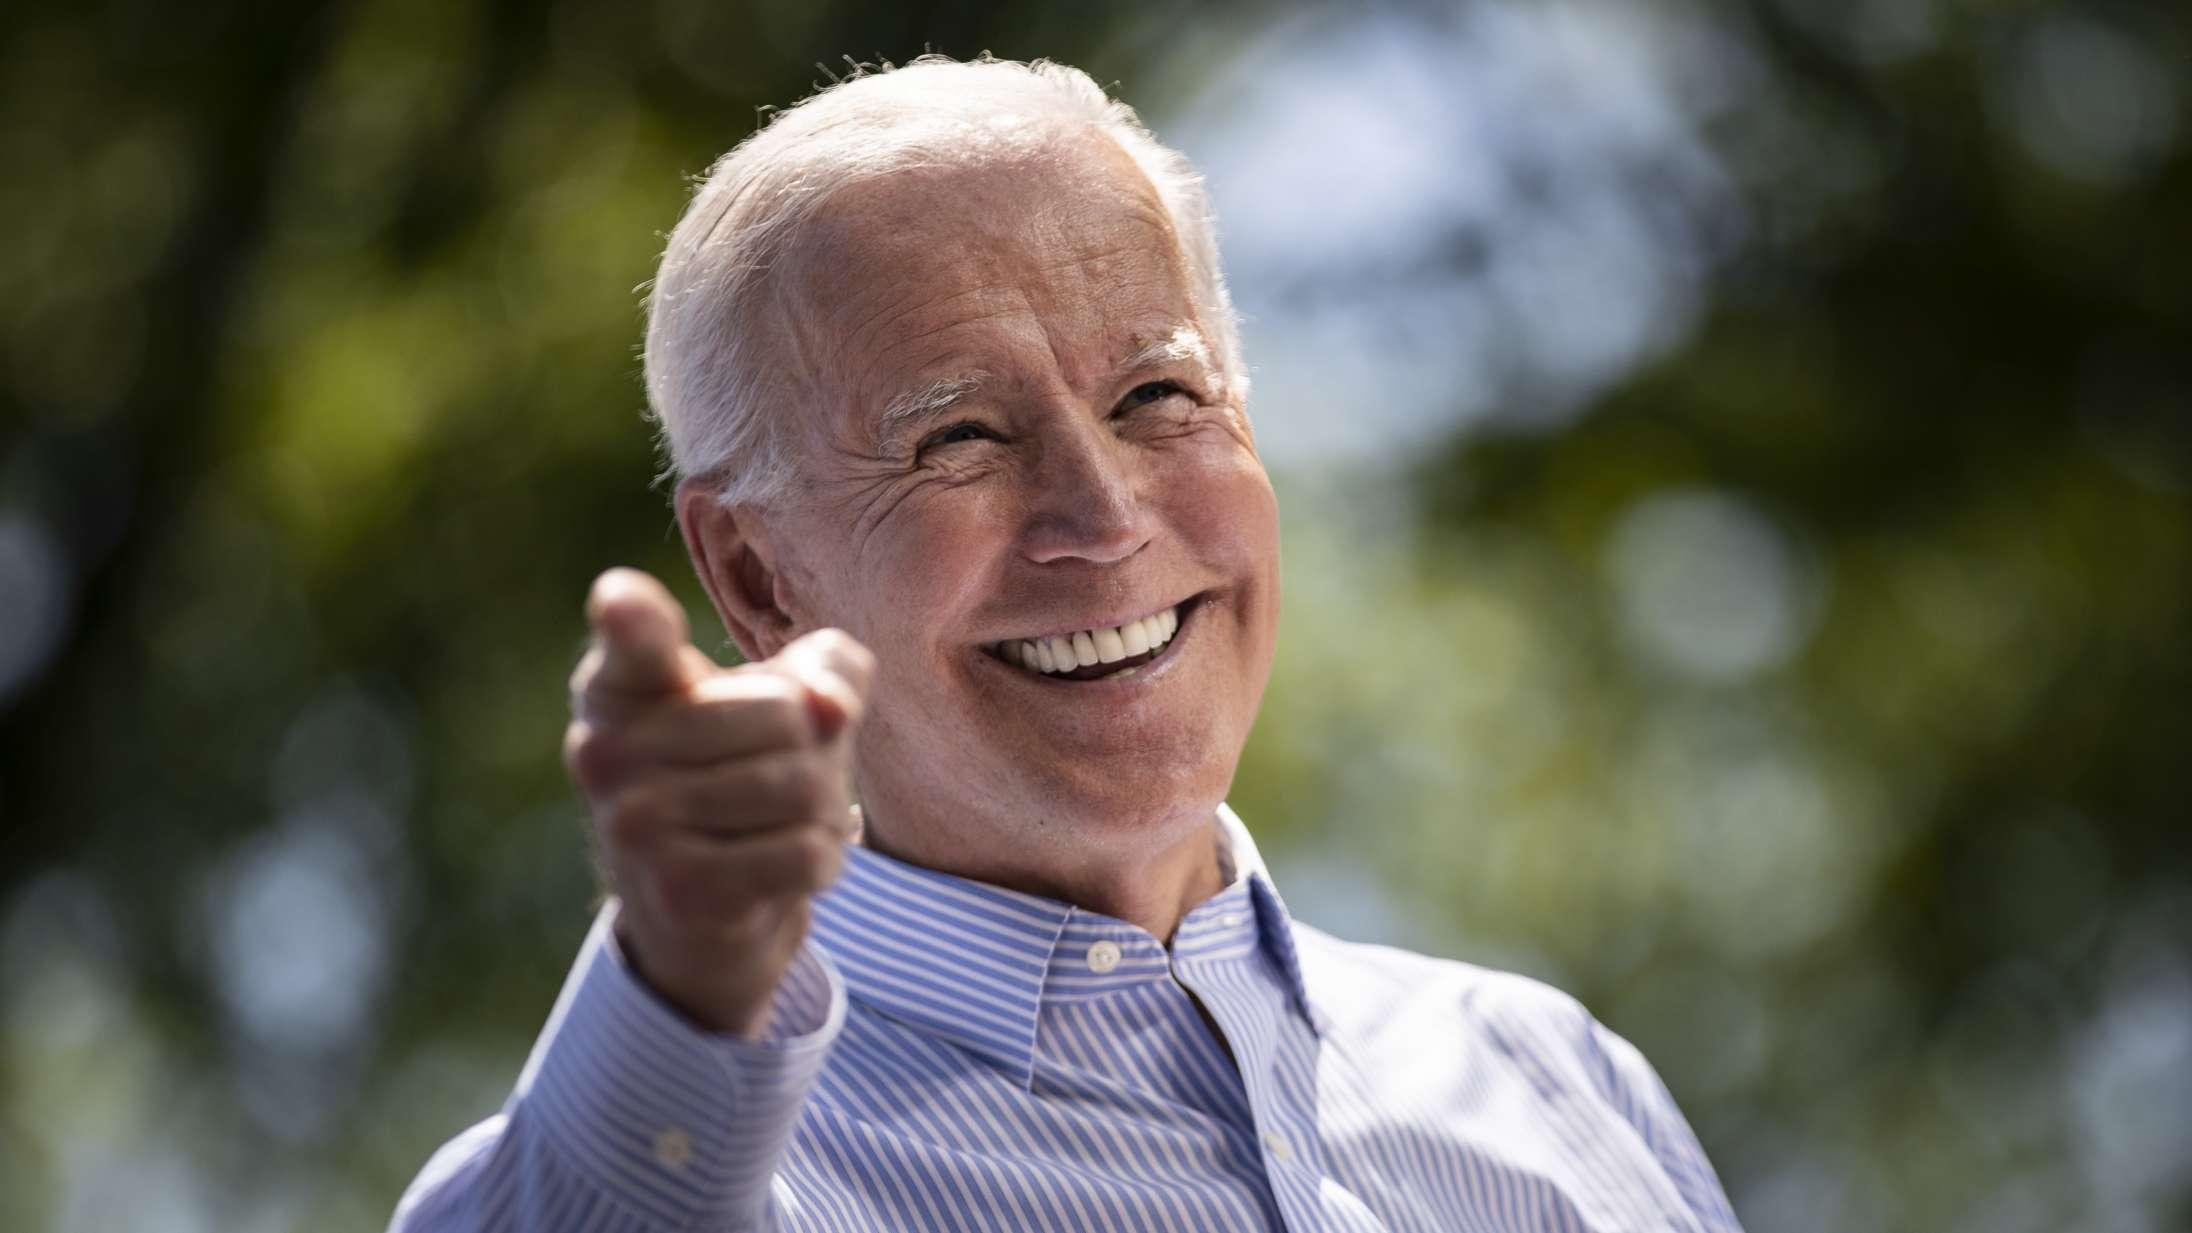 Kendisserne reagerer på Joe Bidens sejr: »Det nationale mareridt er ovre«